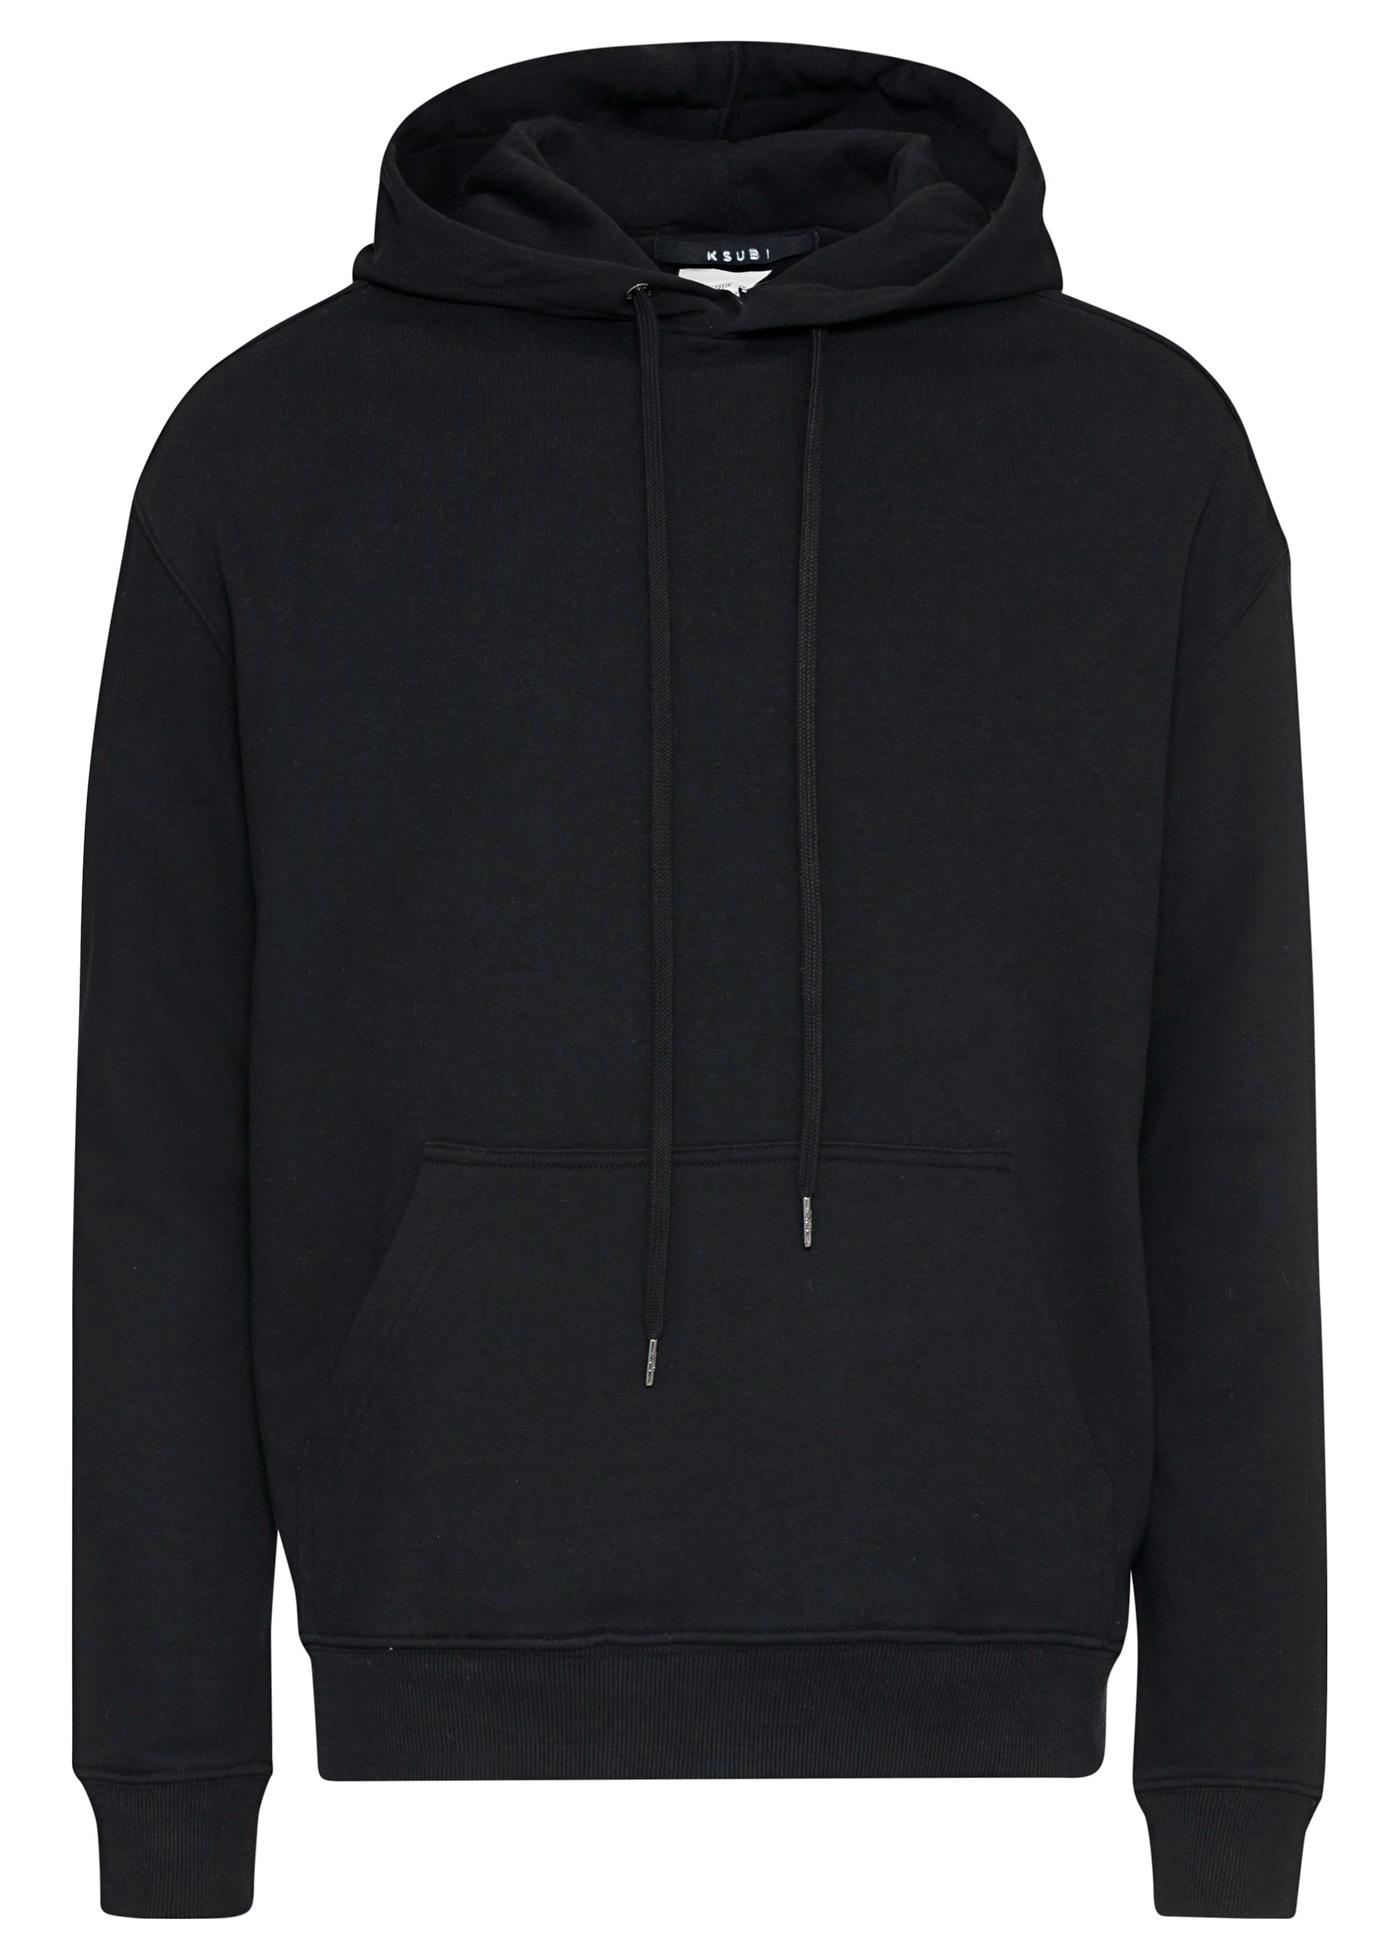 kross biggie hoodie jet black image number 0